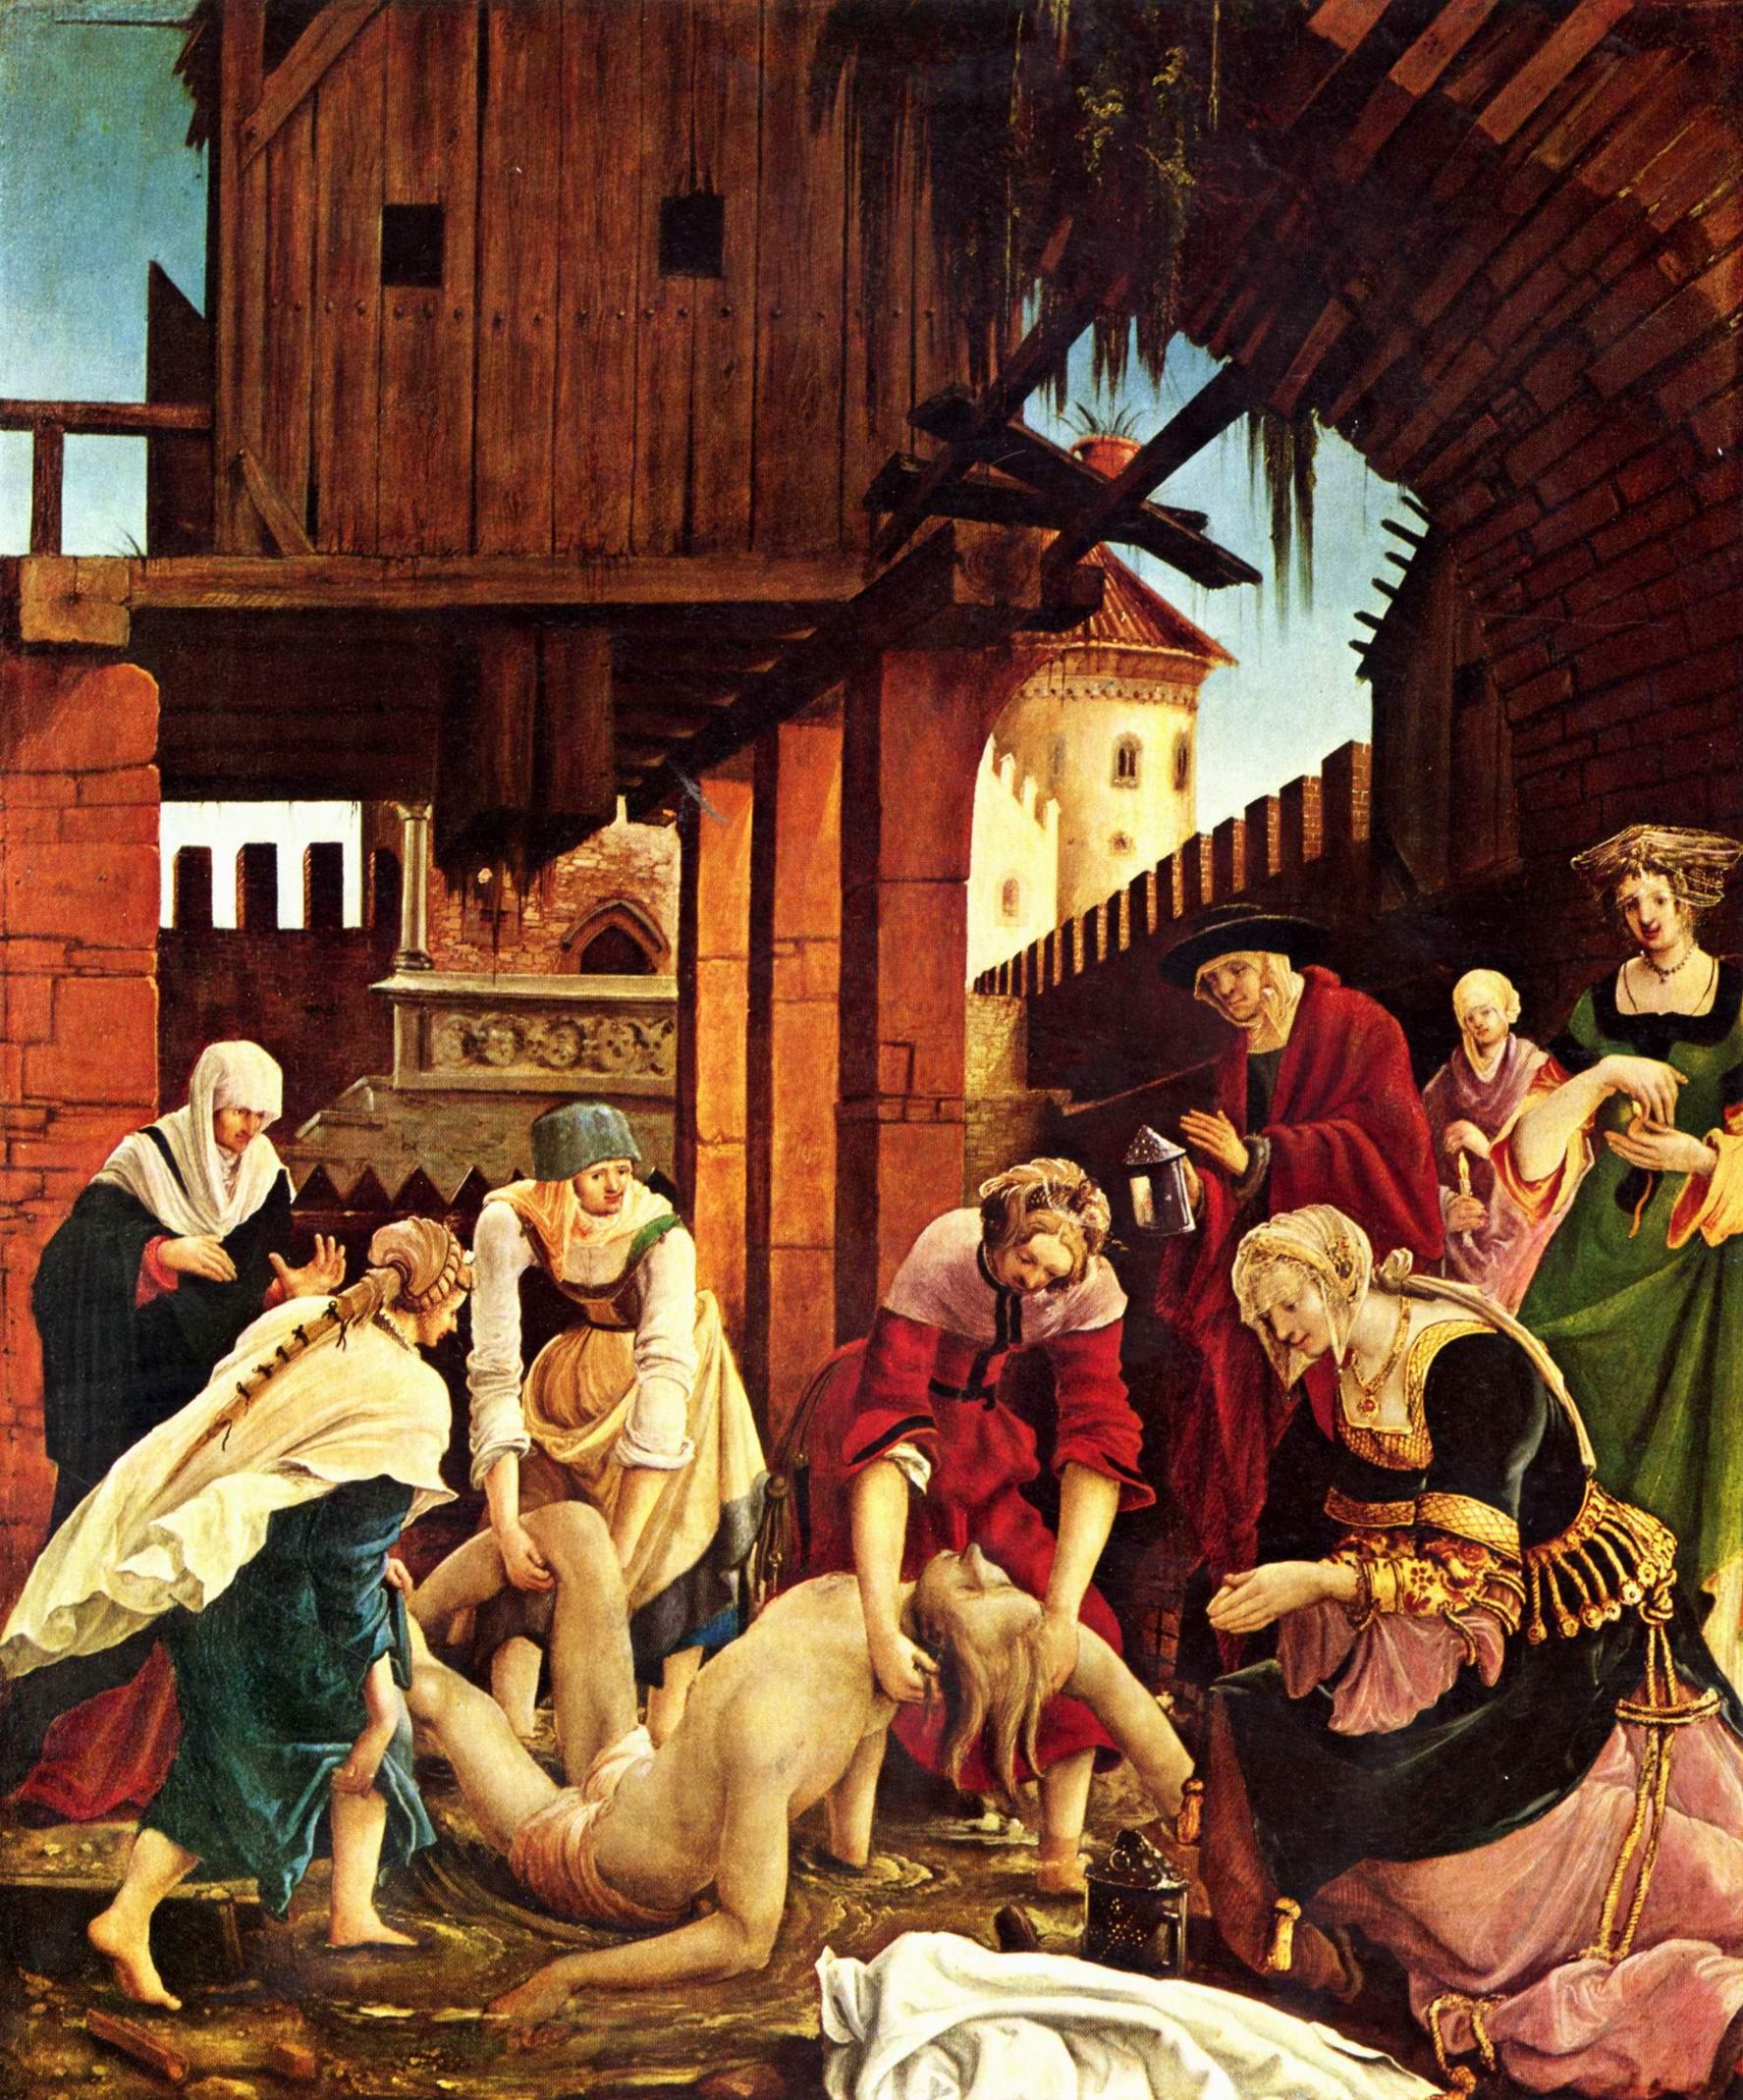 Алтарь св. Себастьяна монастыря св. Флориана, правая внешняя створка, сцена погребения тела св. Себастьяна, Альтдорфер Альбрехт